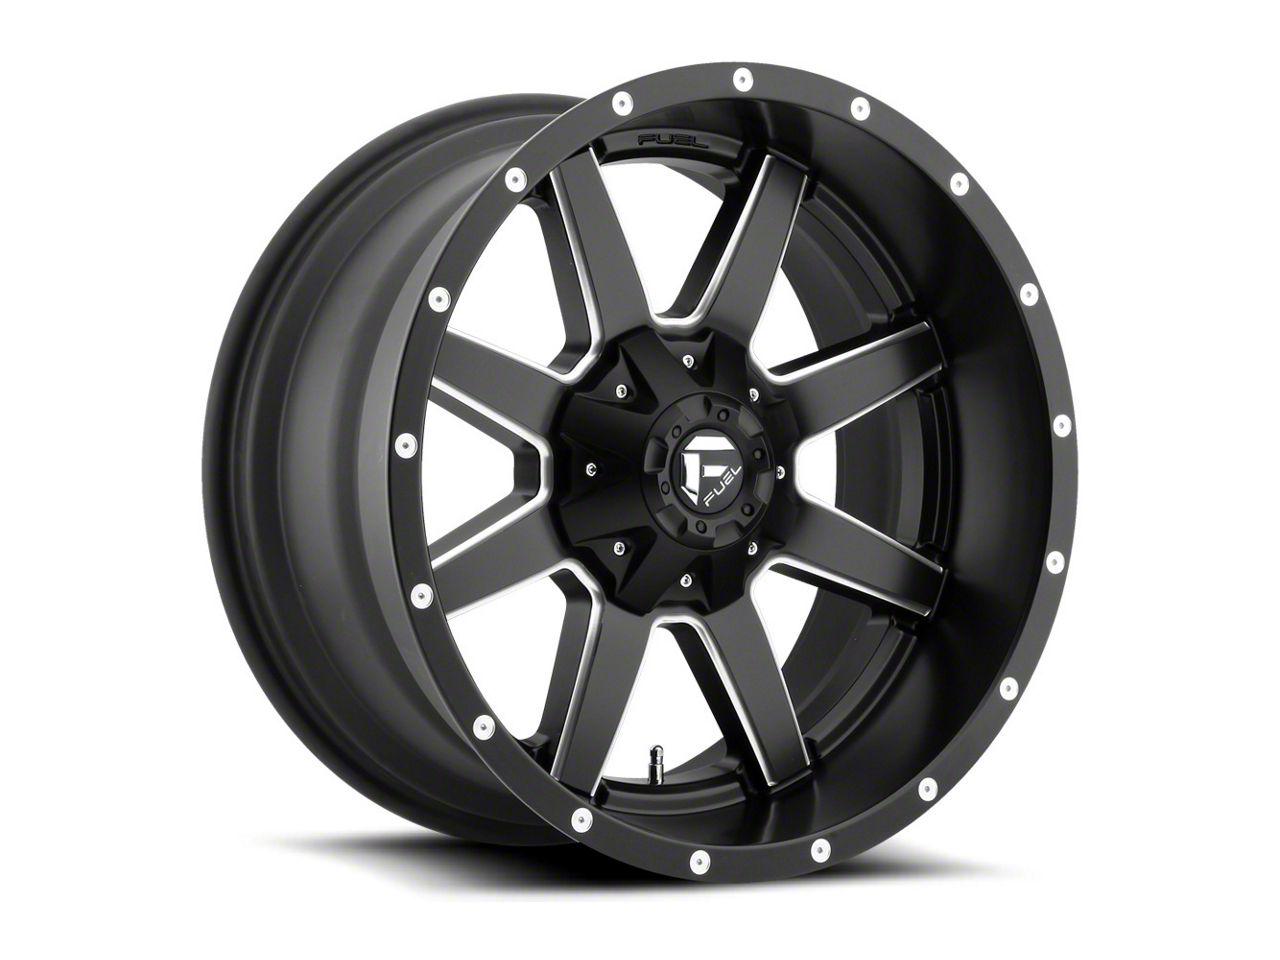 Fuel Wheels Maverick Black Milled 6-Lug Wheel - 22x9.5 (04-18 F-150)